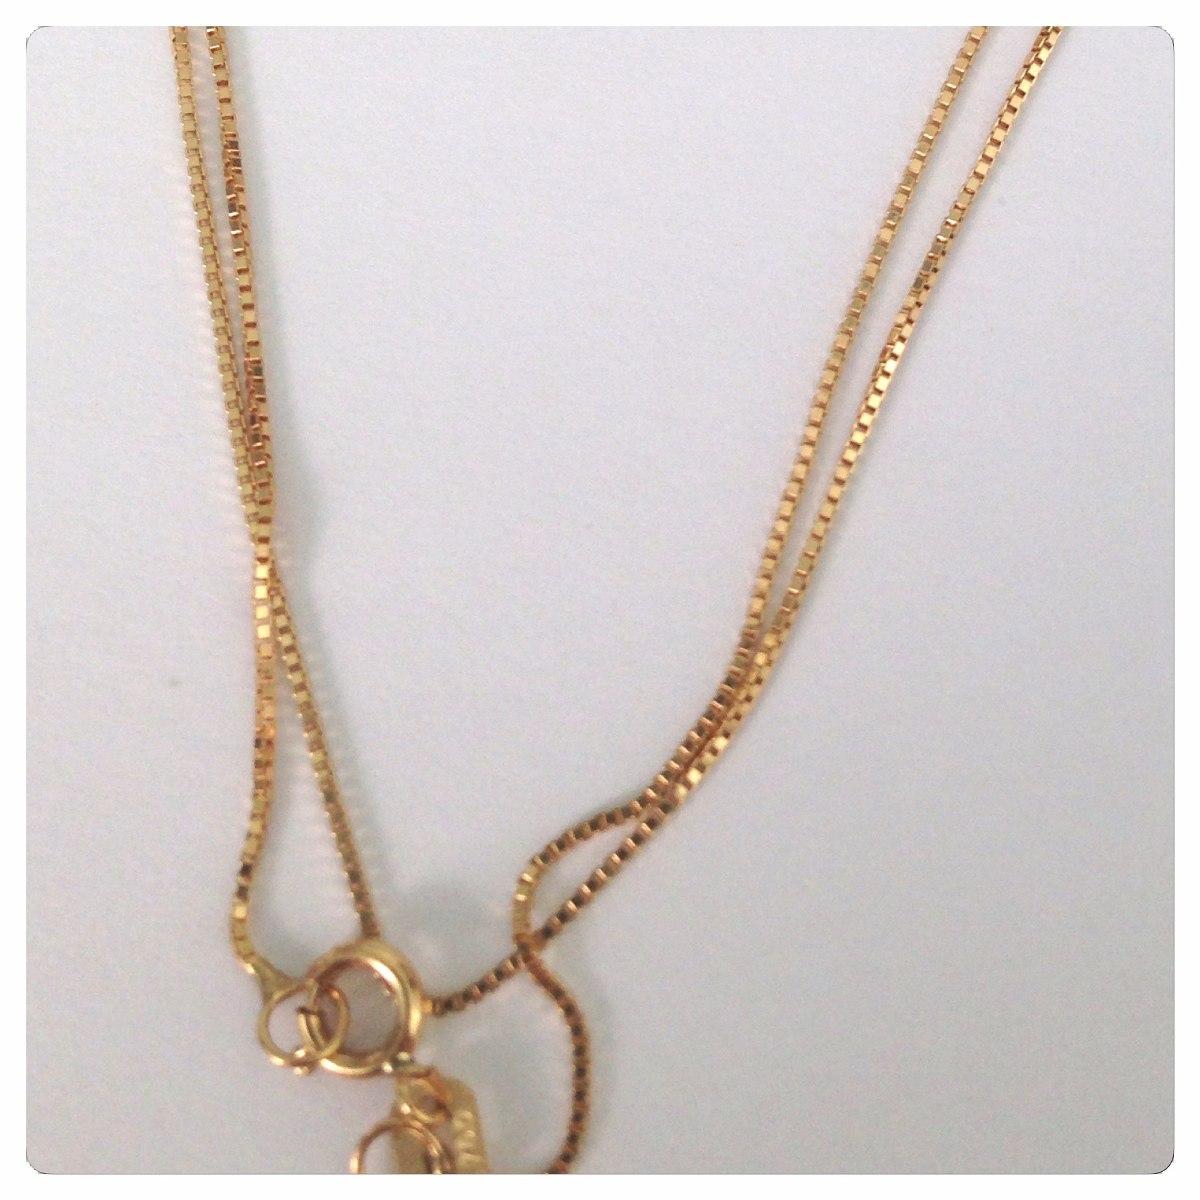 458abcf94978c corrente cordão veneziana 1.9 gramas 40cm em ouro 18k. Carregando zoom.